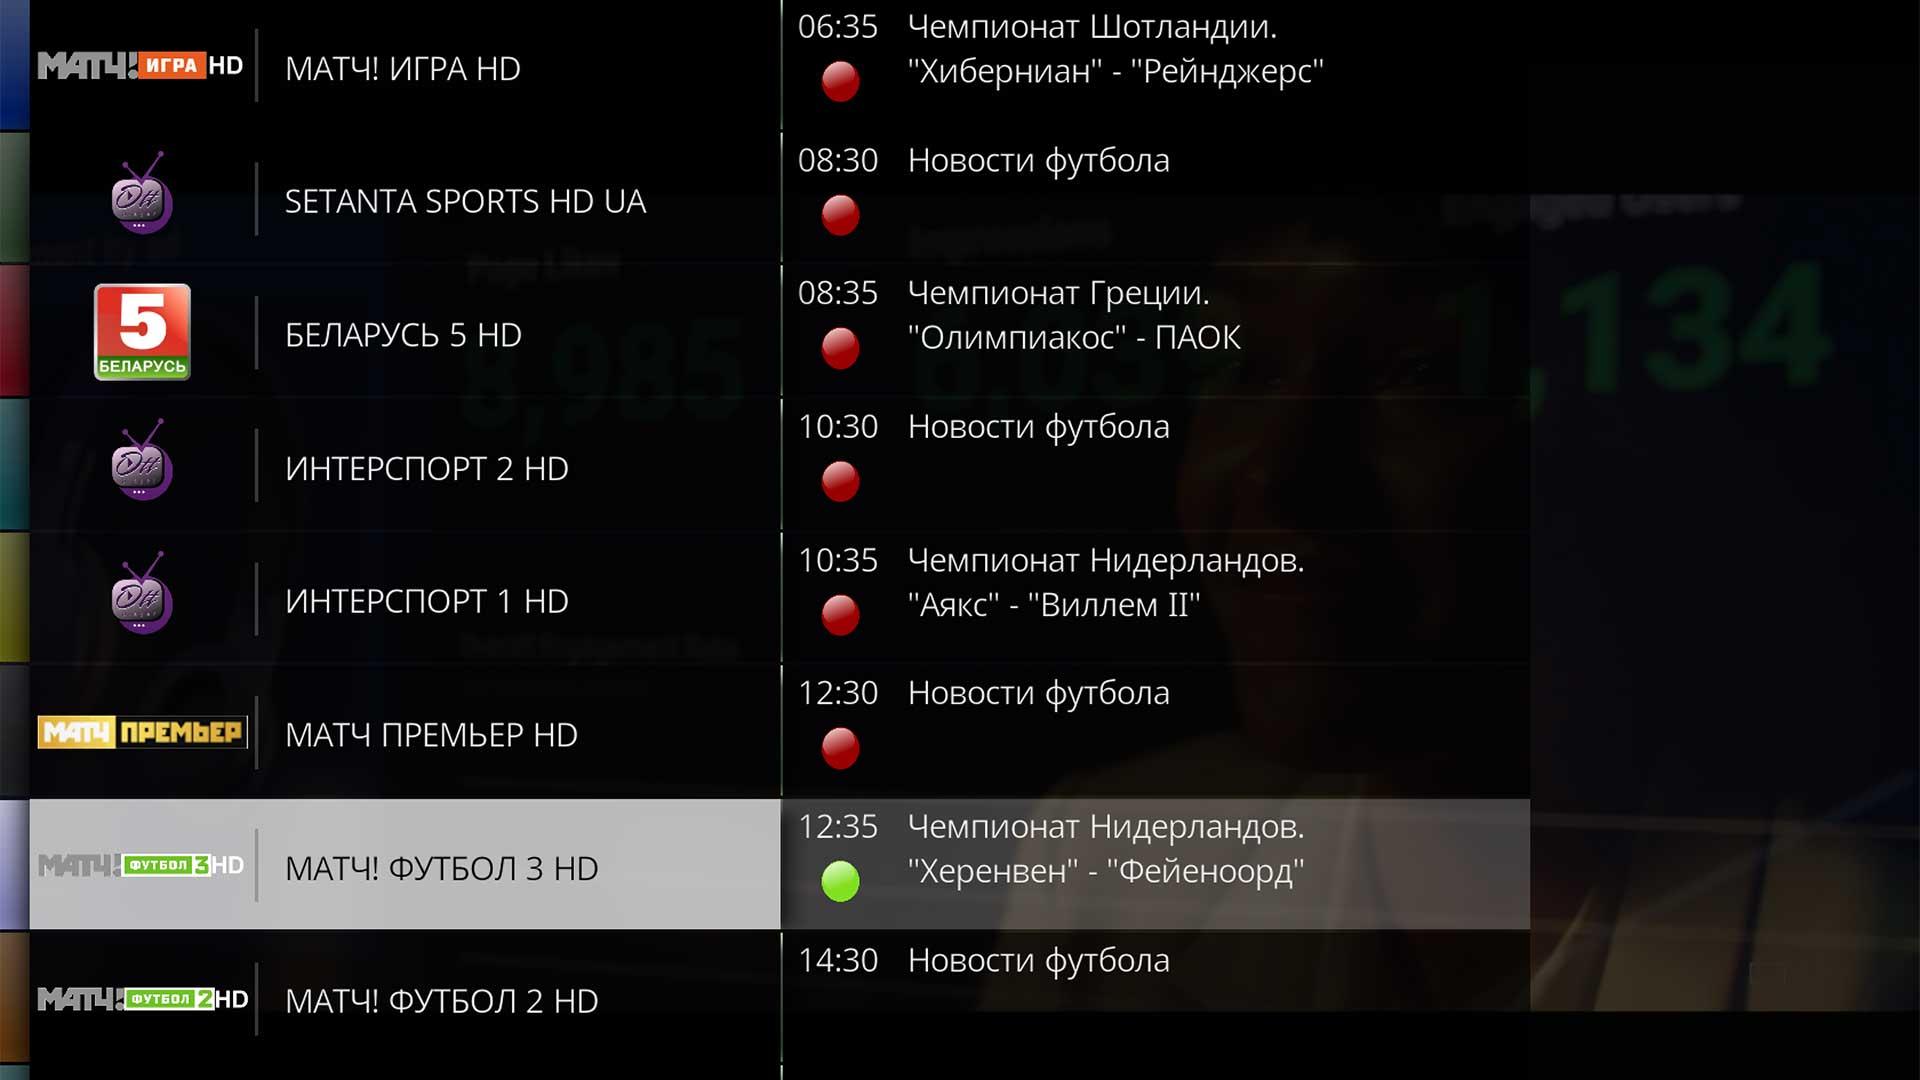 Выбор спортивного канала PARUS TV для просмотра